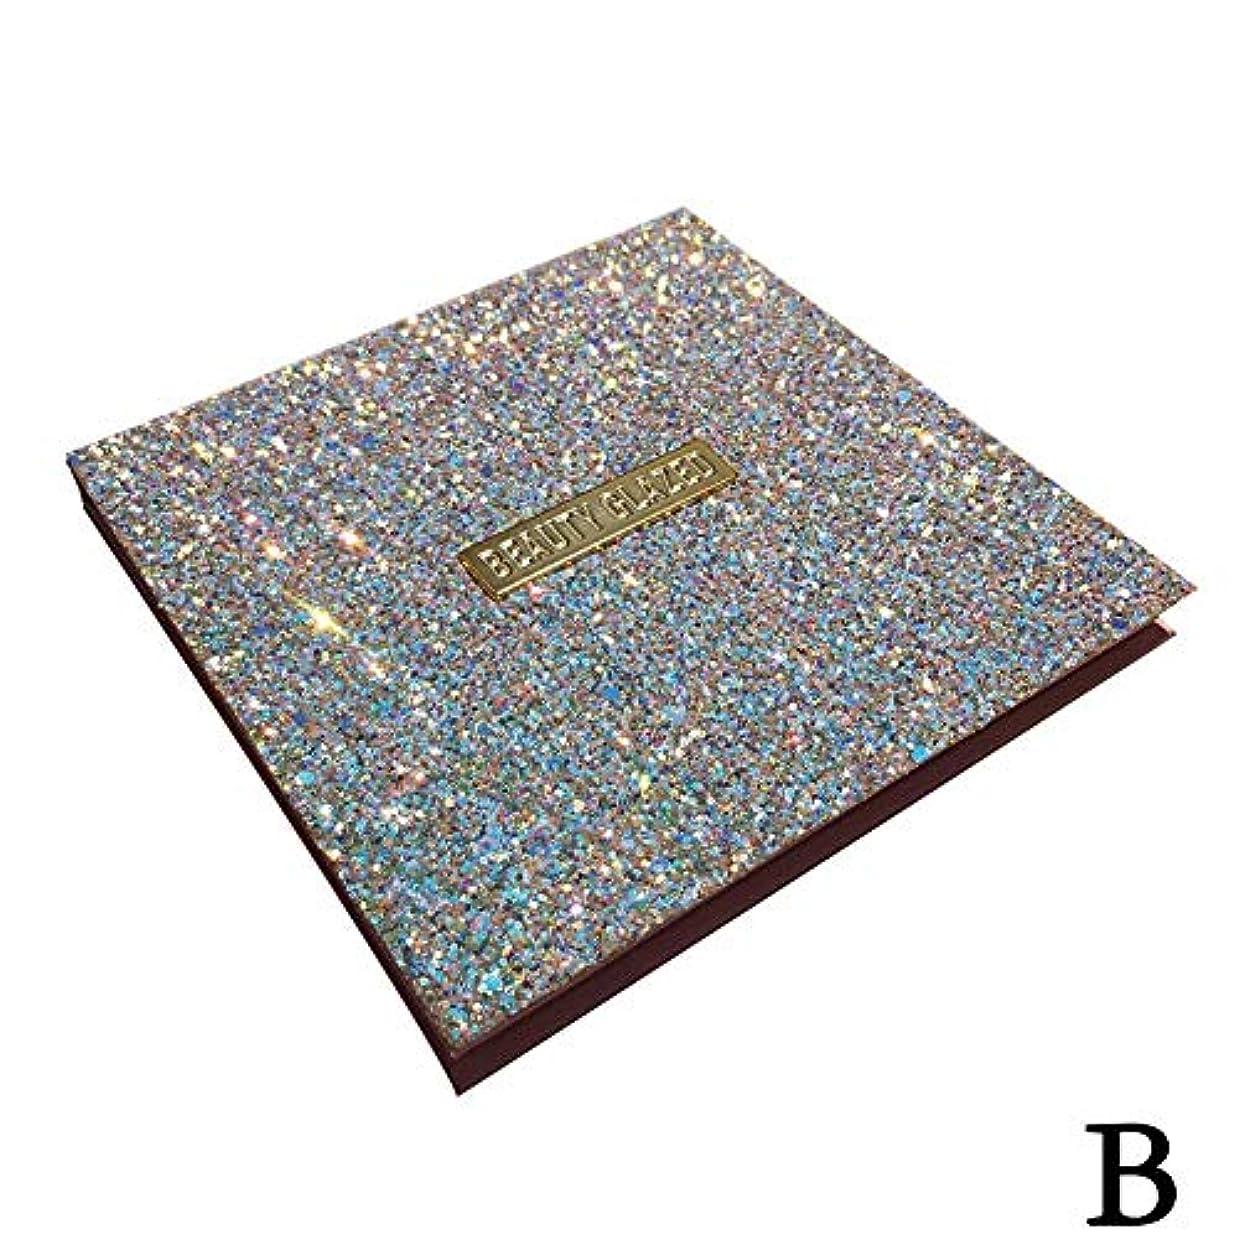 押し下げるインシュレータクラブ(ゴールデン ドリーミング)Golden Dreaming beauty glazed 無光沢の真珠16色のアイシャドウ (B 2#)